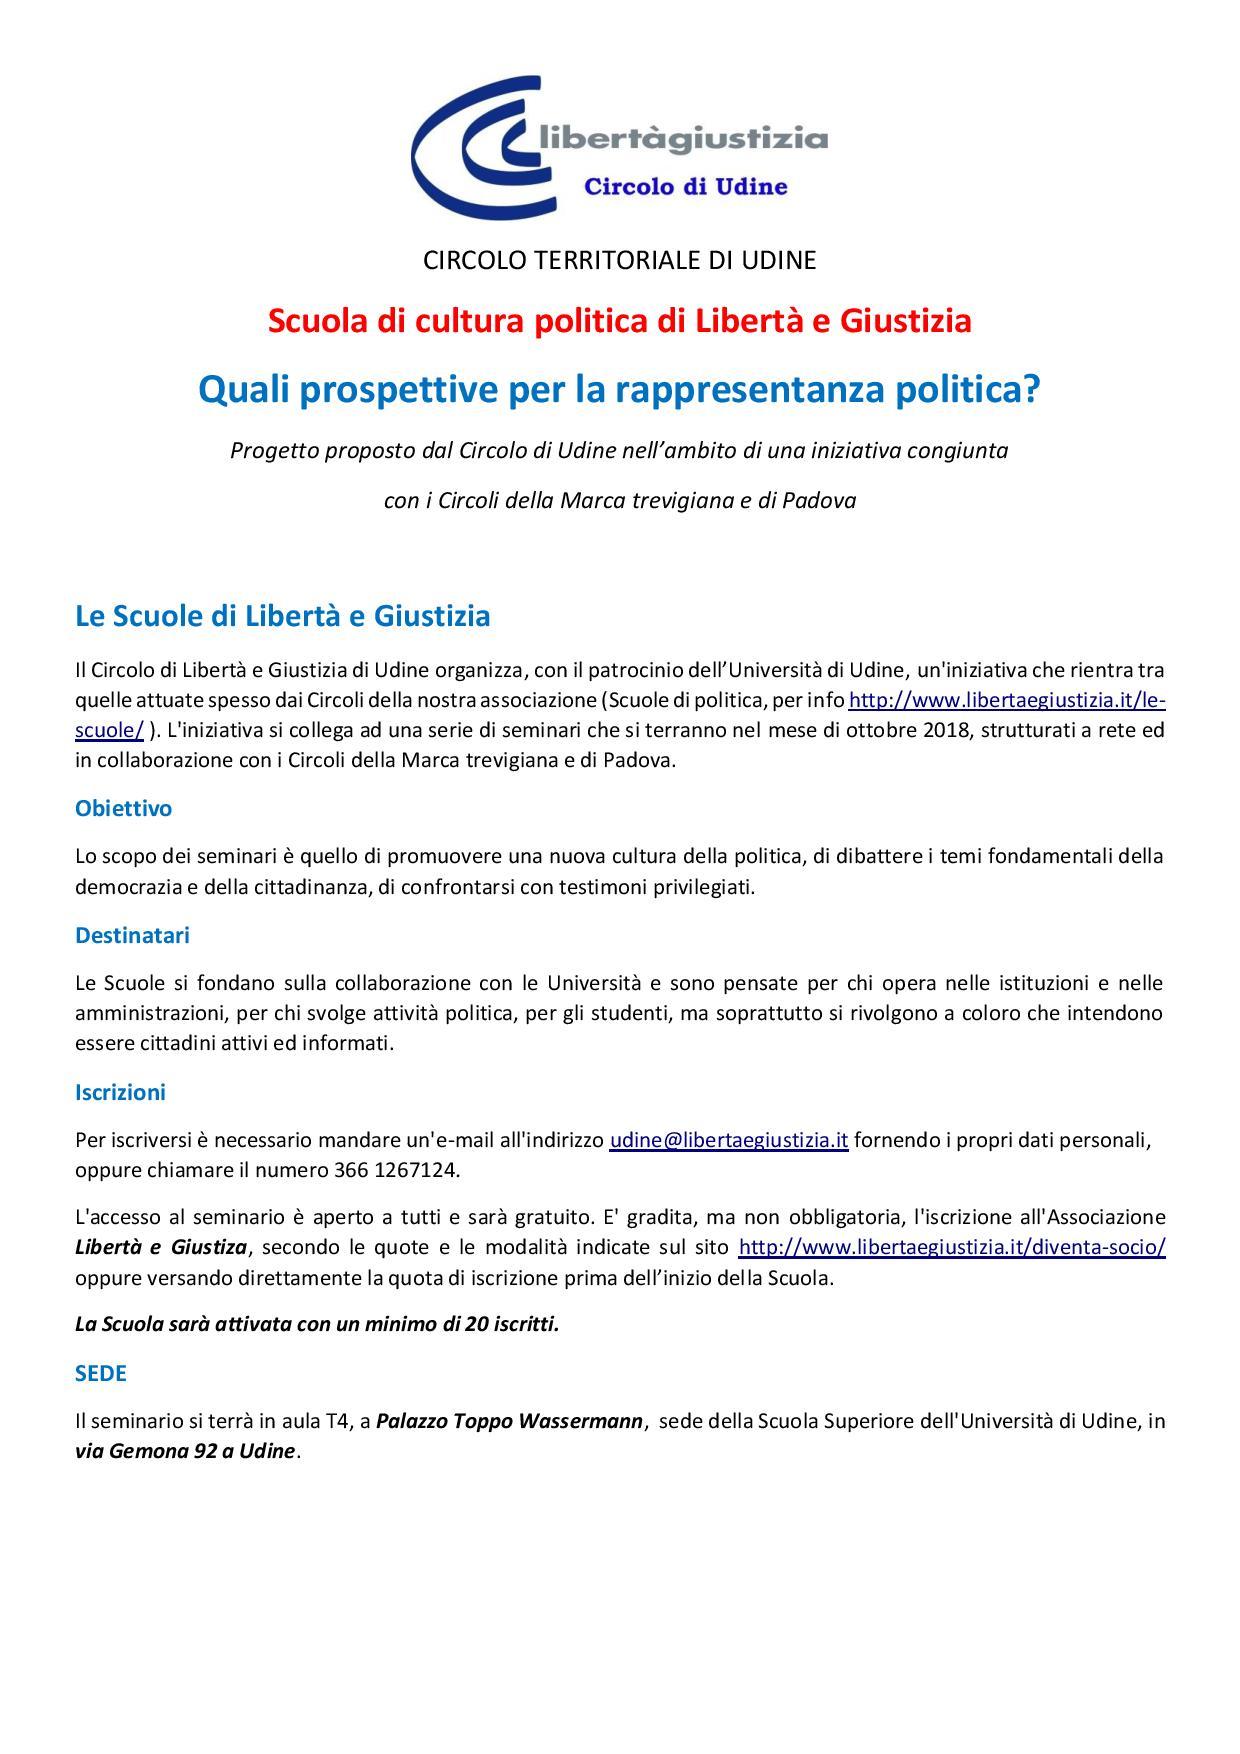 ScuolaLEG_Udine20181027-page-001